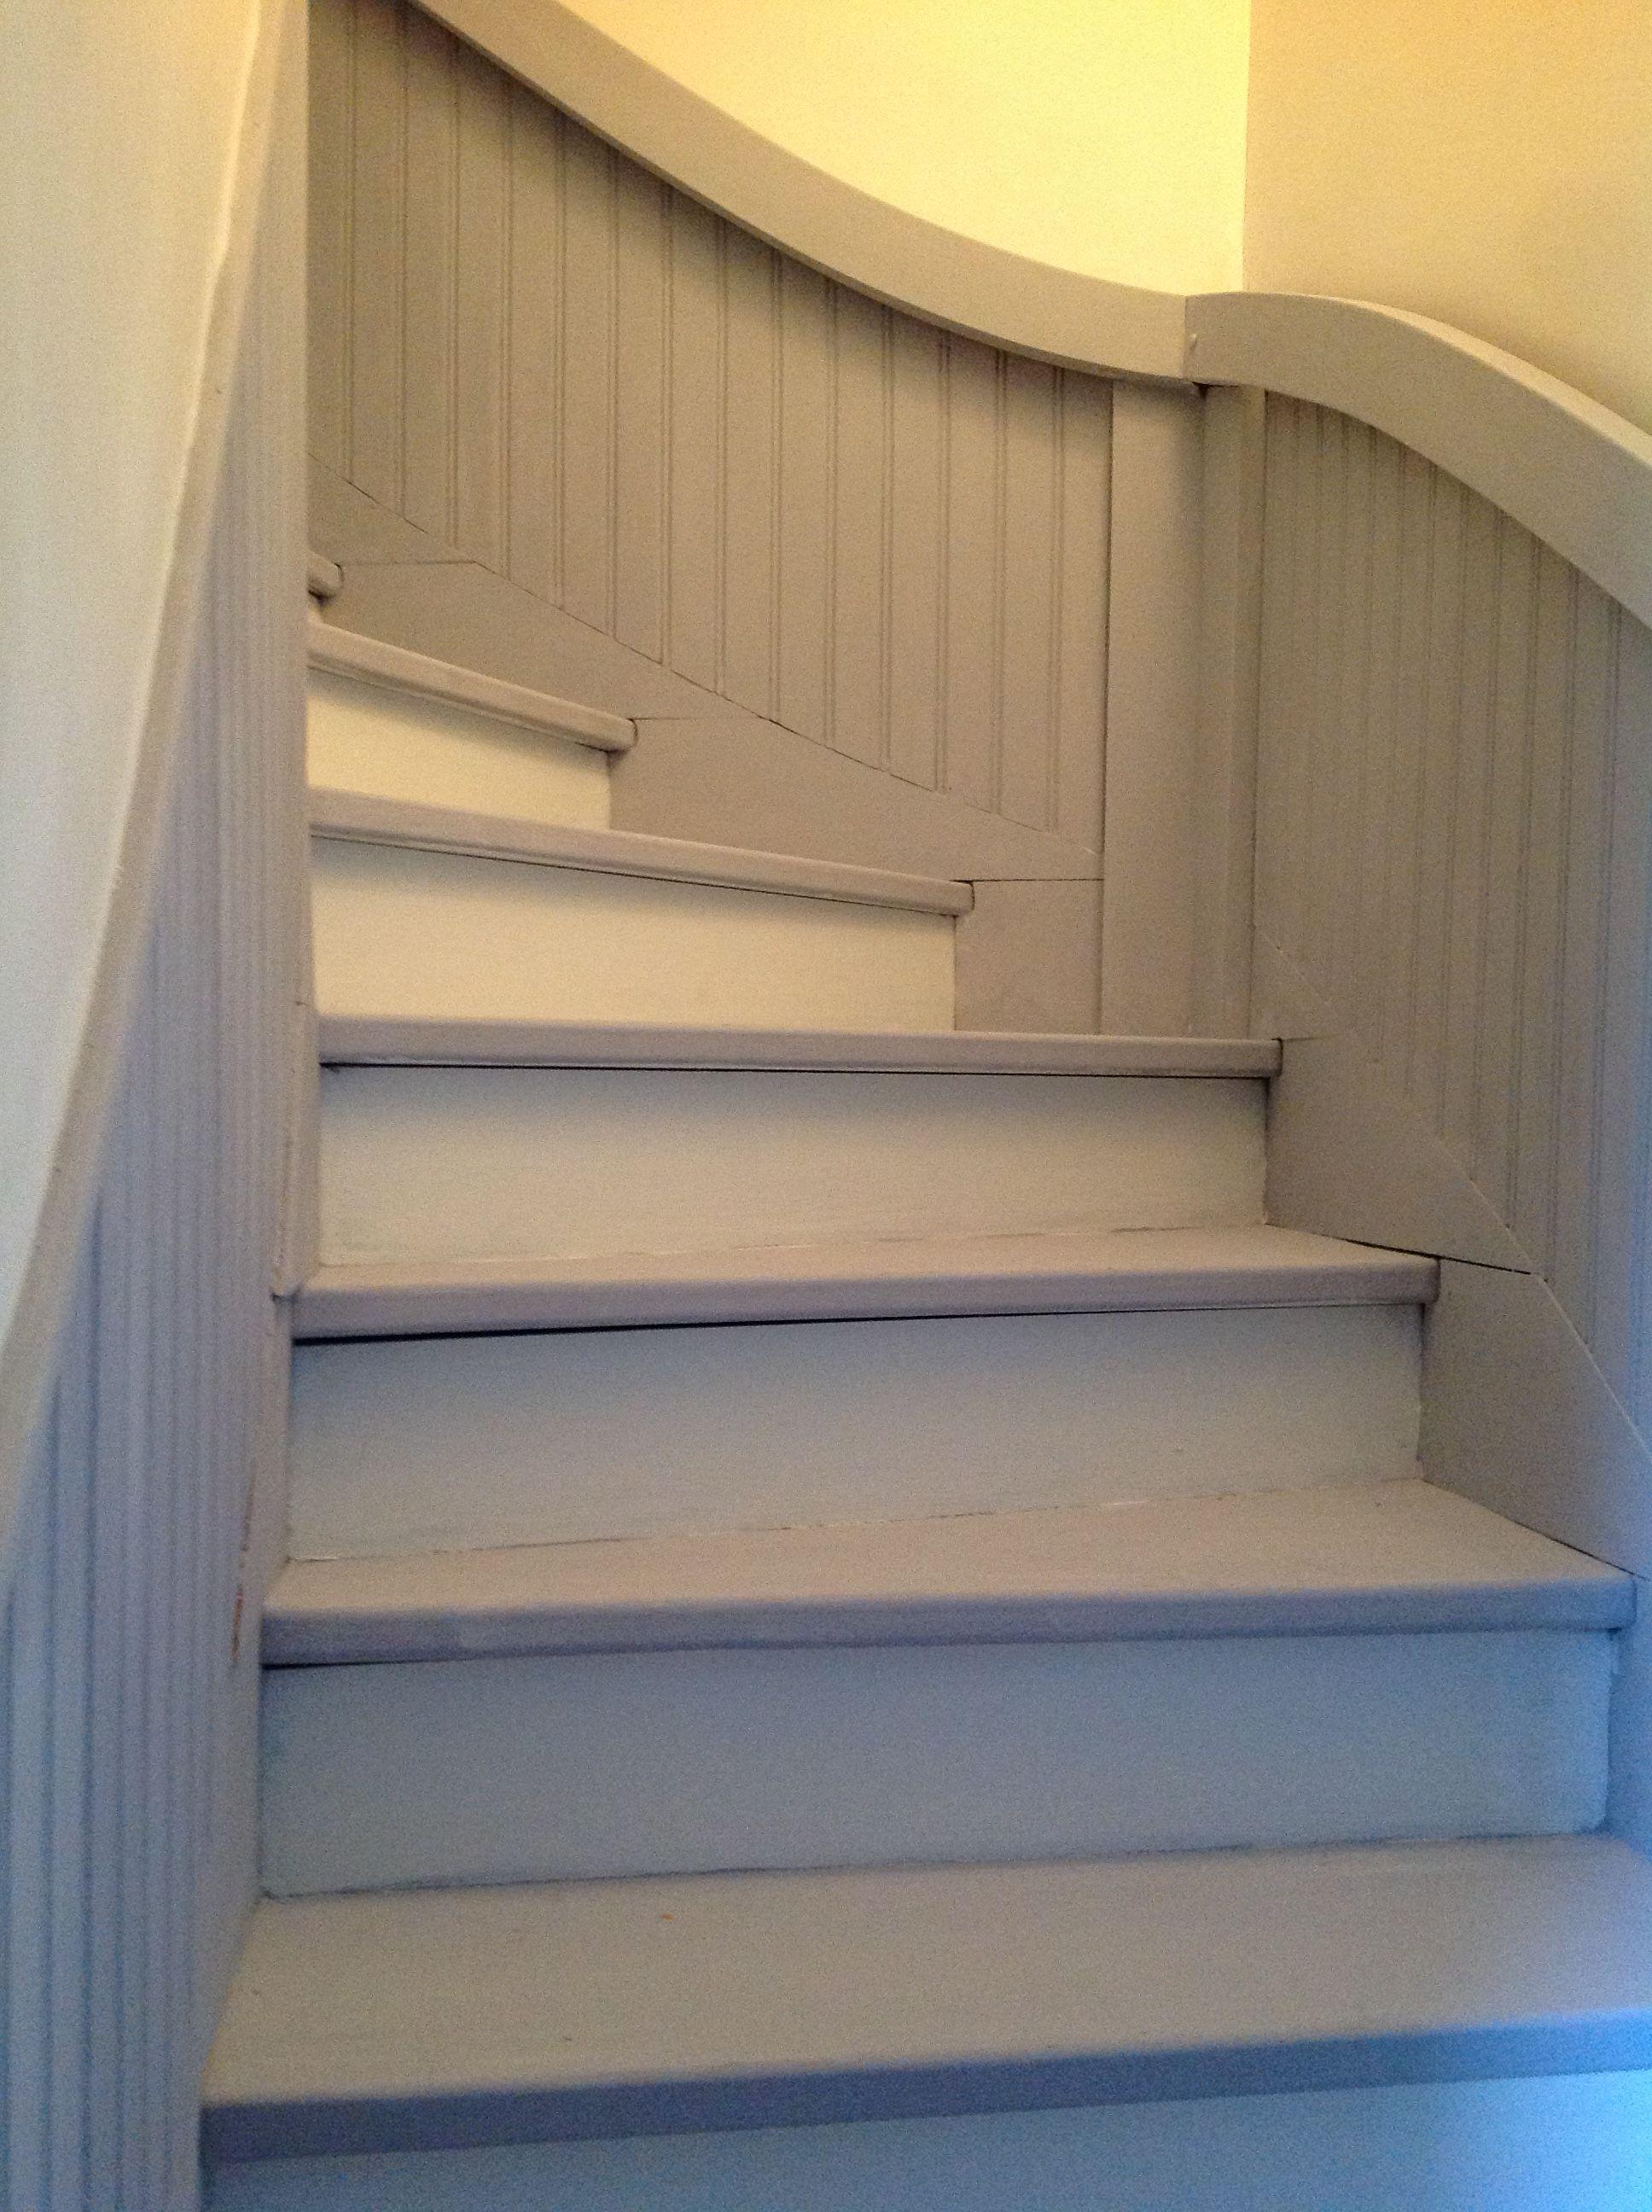 peindre lambris bois peindre lambris en blanc pistolet. Black Bedroom Furniture Sets. Home Design Ideas